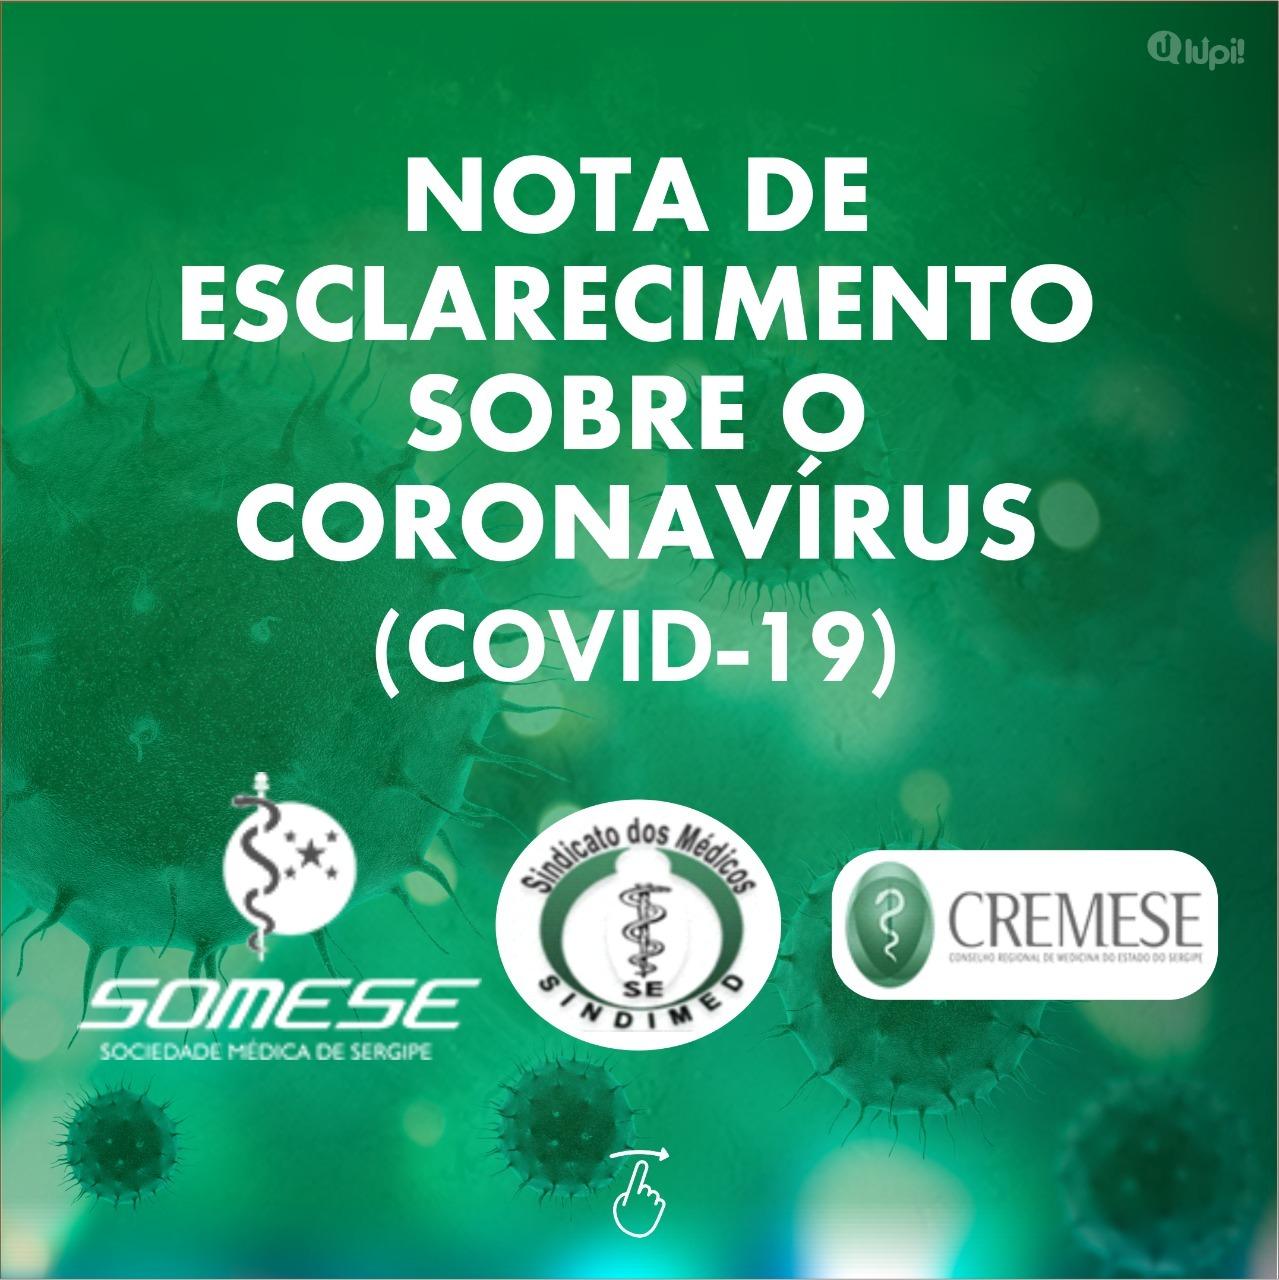 Somese_coronavirus site.jpg